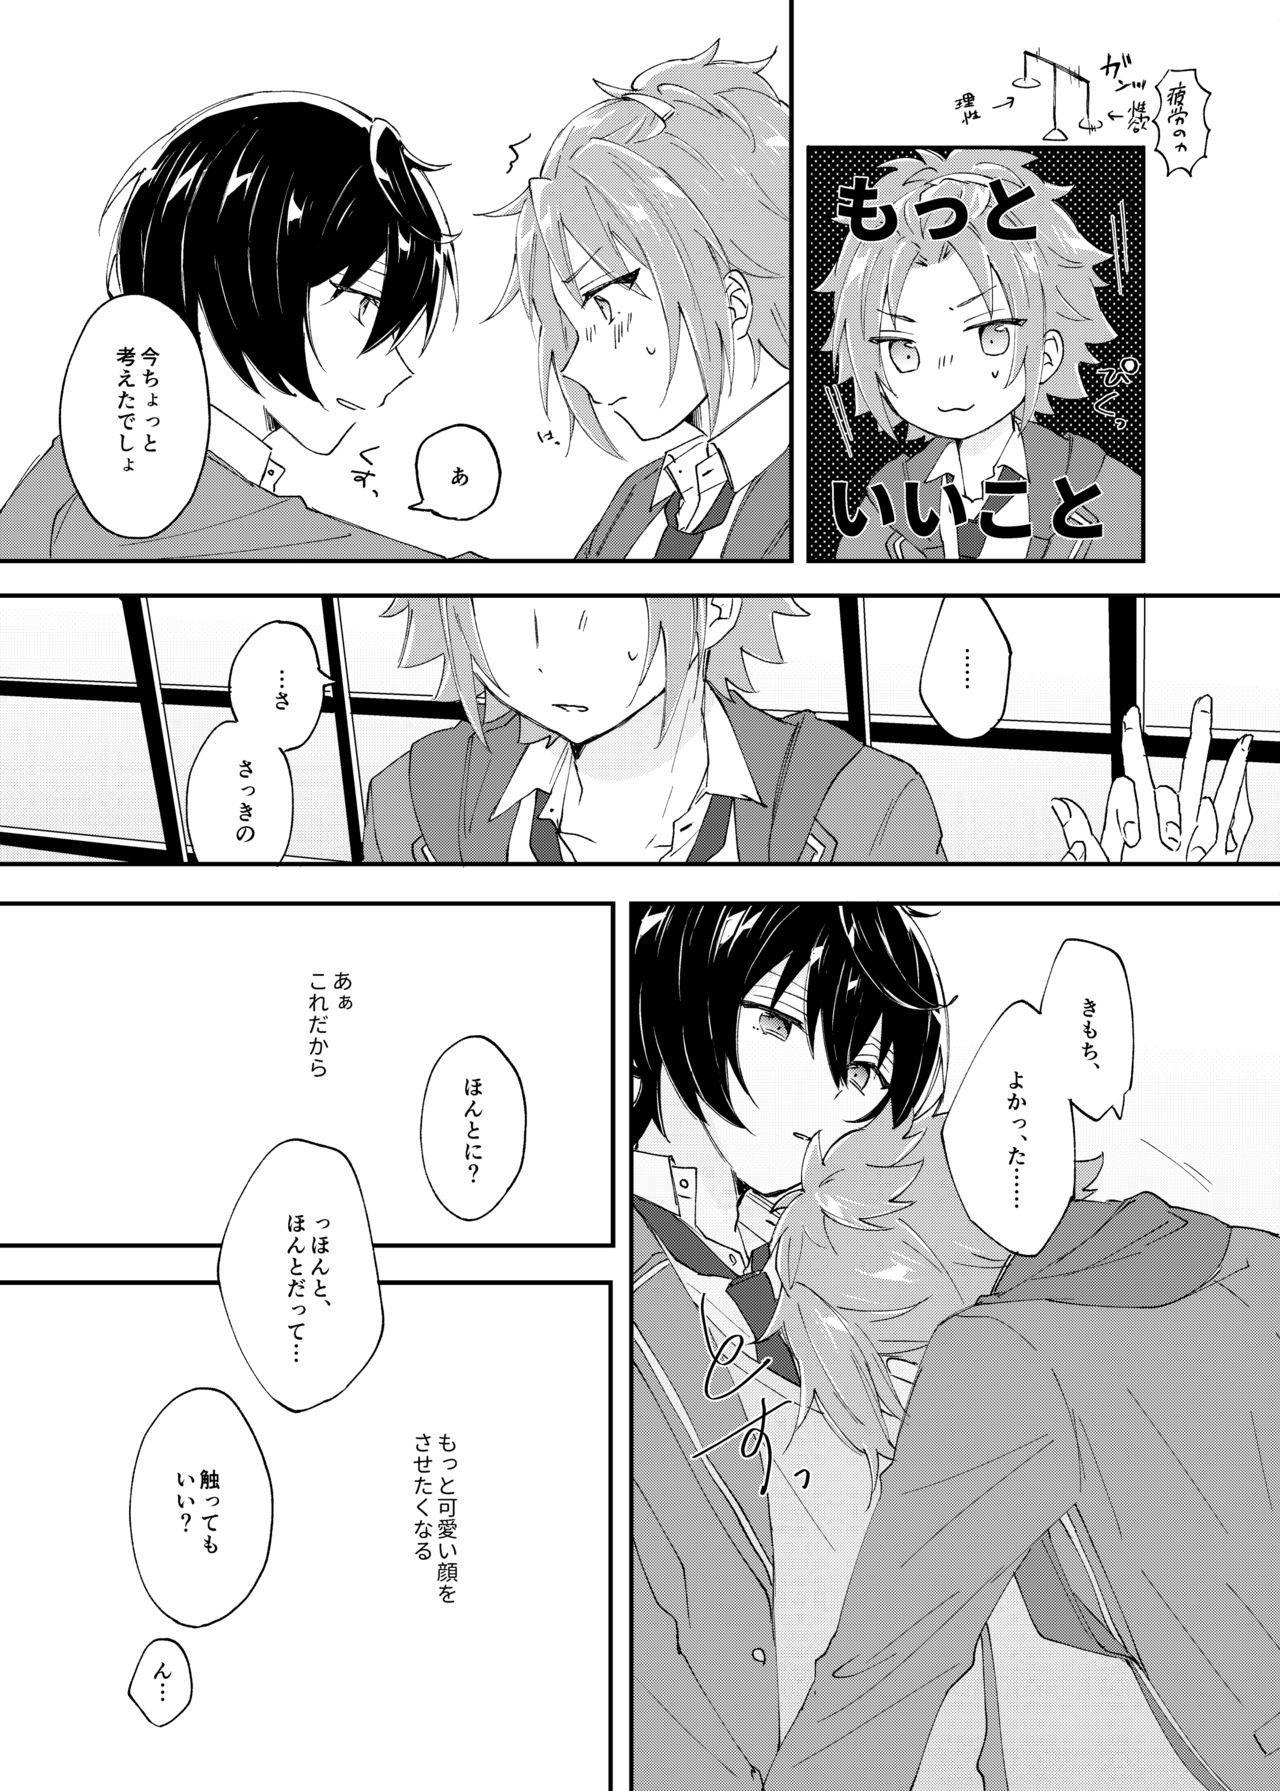 Rou o Tokashite 12